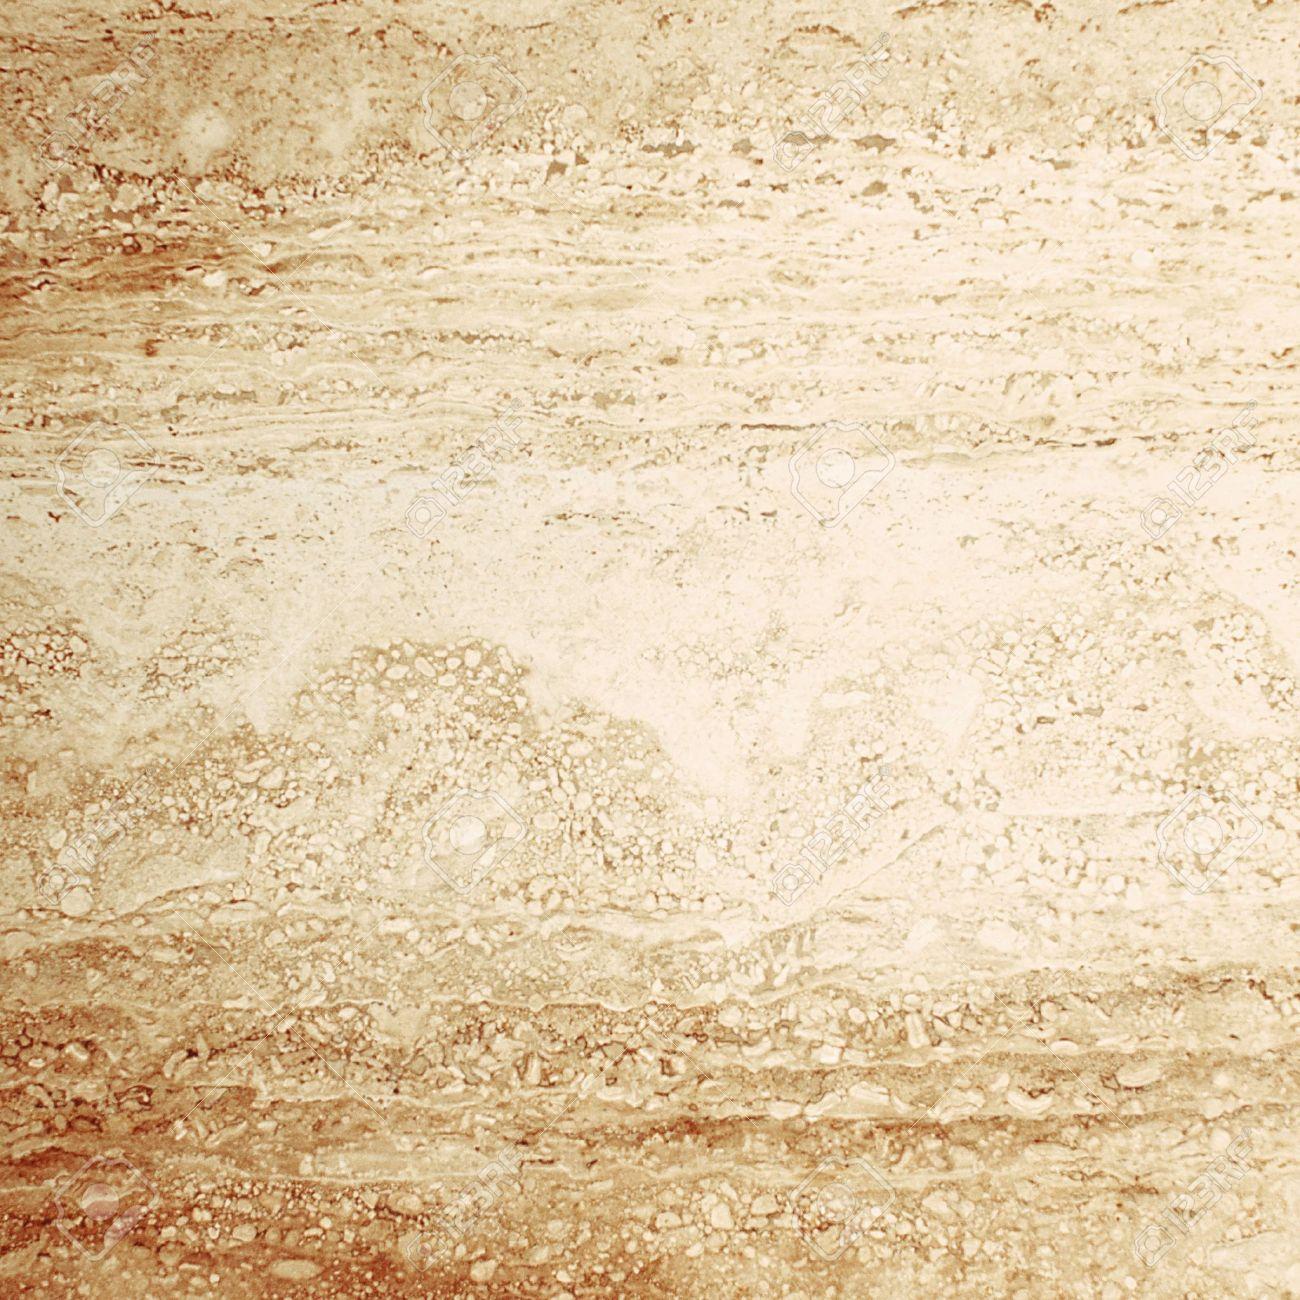 Textura De Marmol Color Beige Para El Fondo Fotos Retratos - Color-marmol